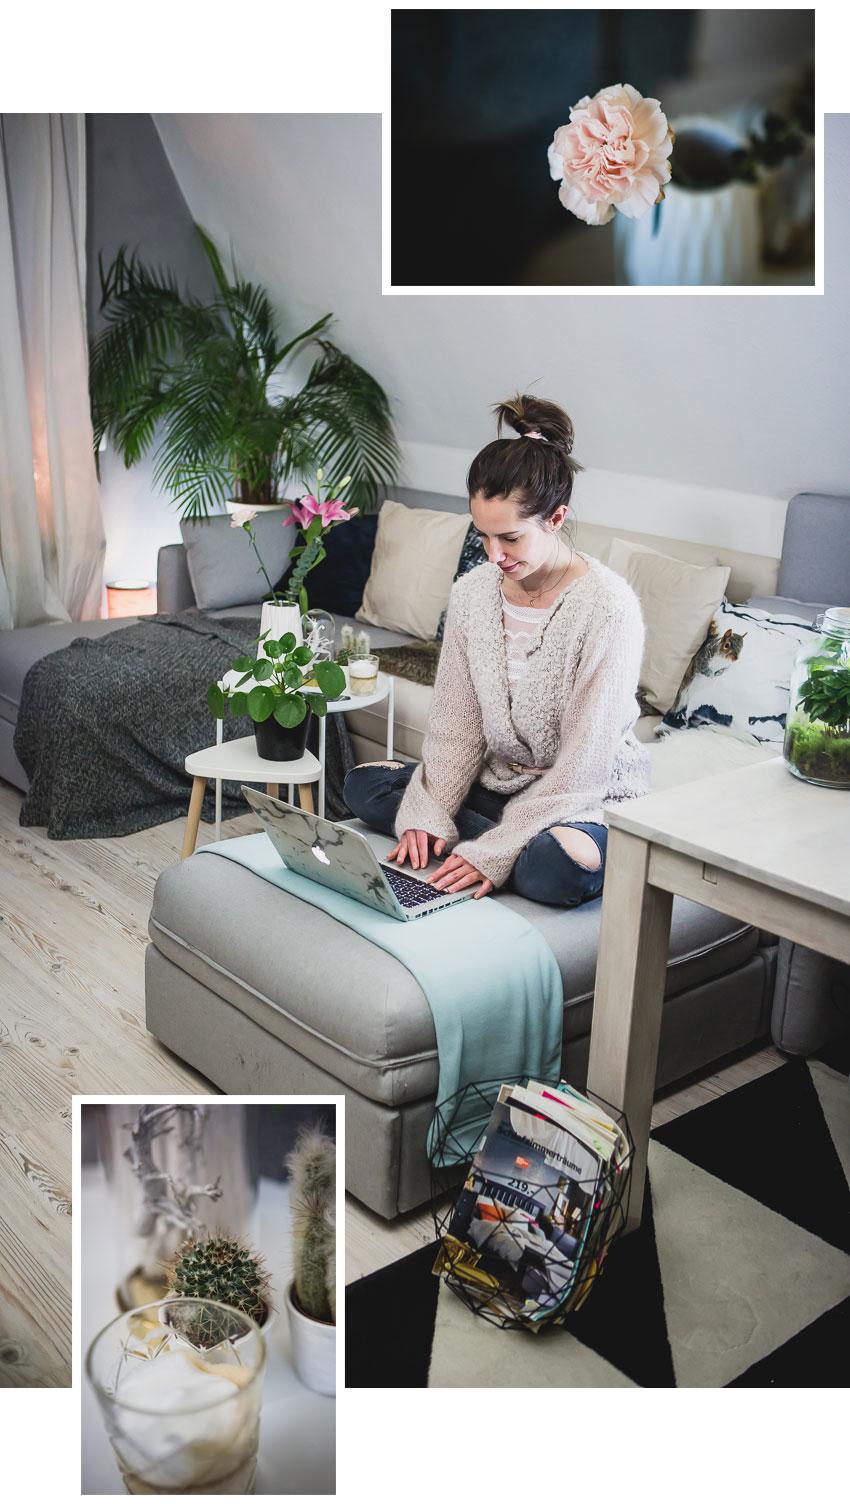 Schöne Wohnzimmer Deko Ideen: Trends schnell, schön und günstig ...